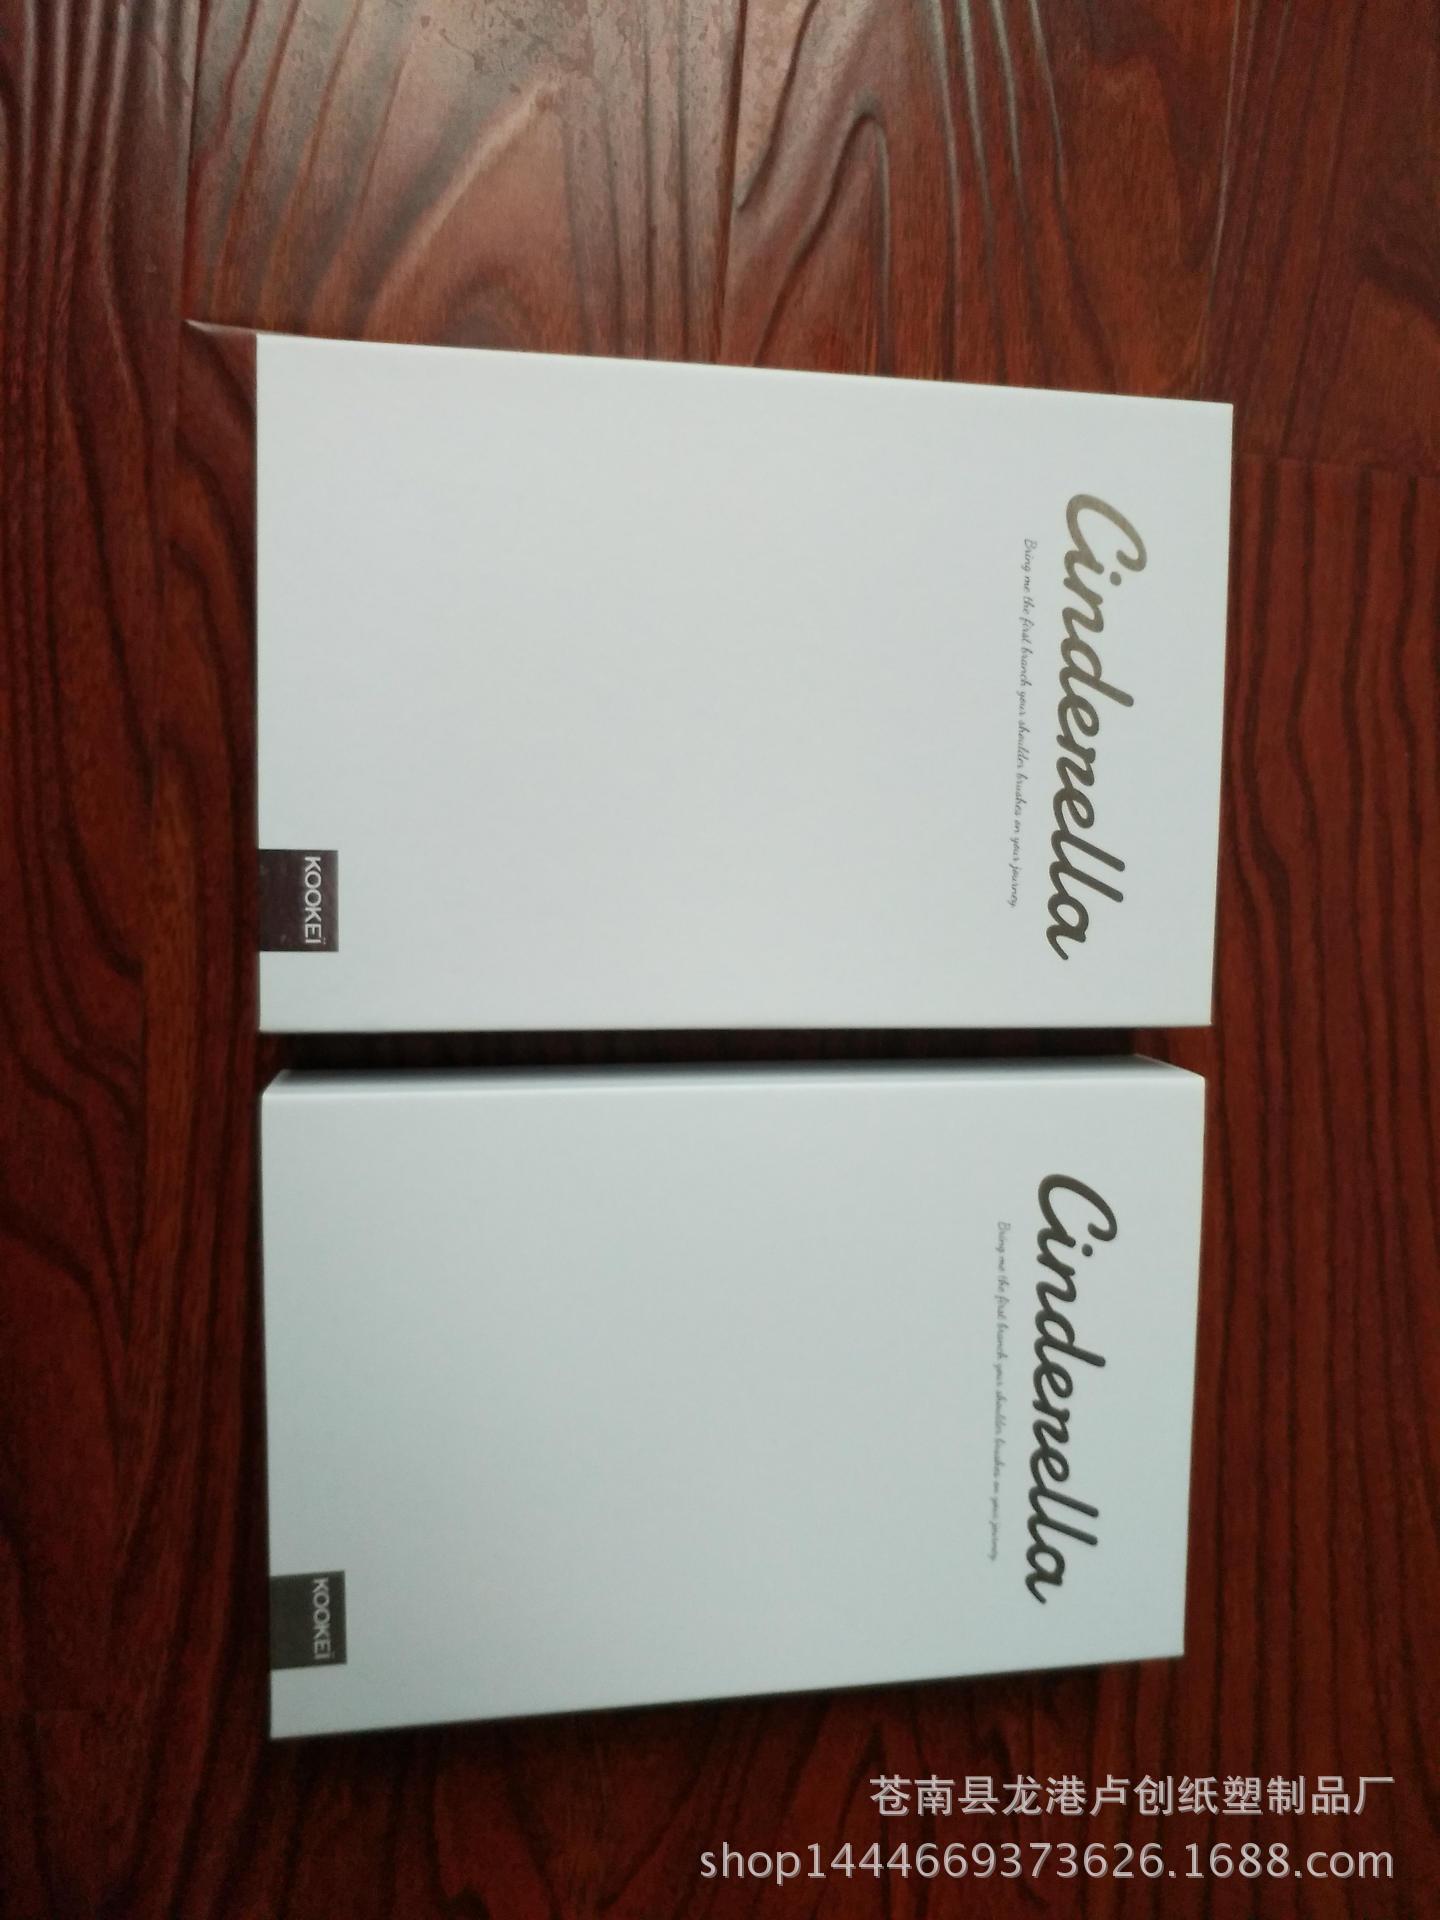 高档礼盒定制  封面烫银 公主水晶礼盒 环保材料可定制